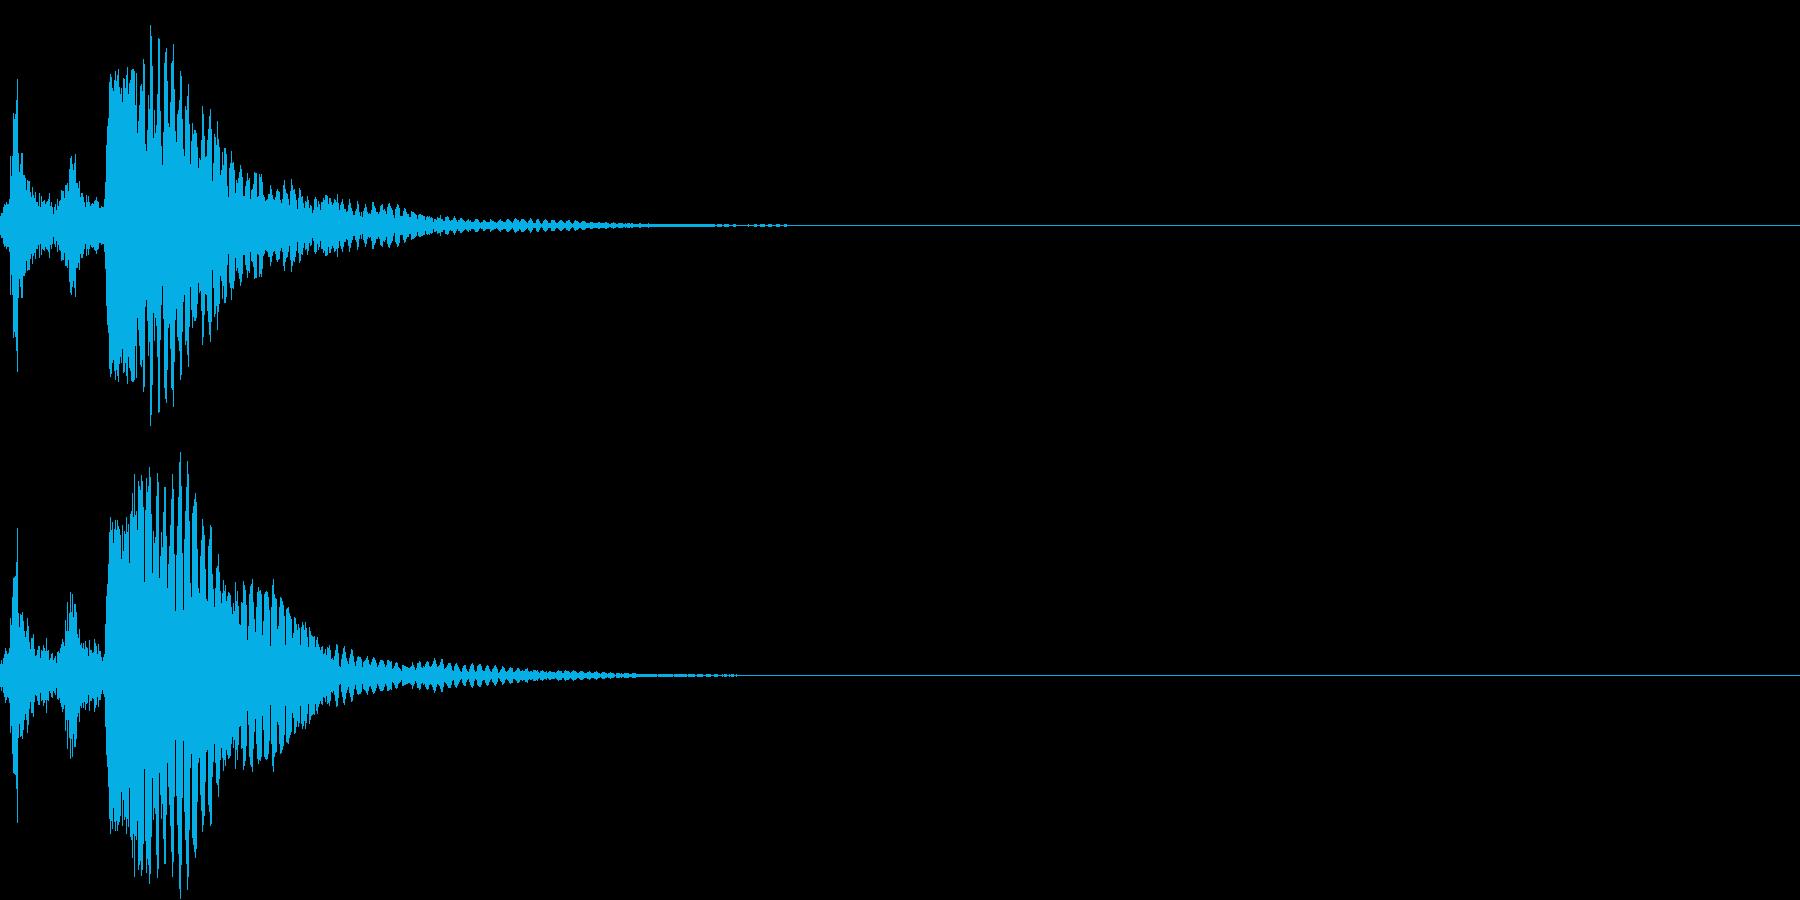 刀 キーン 剣 リアル インパクト Eの再生済みの波形